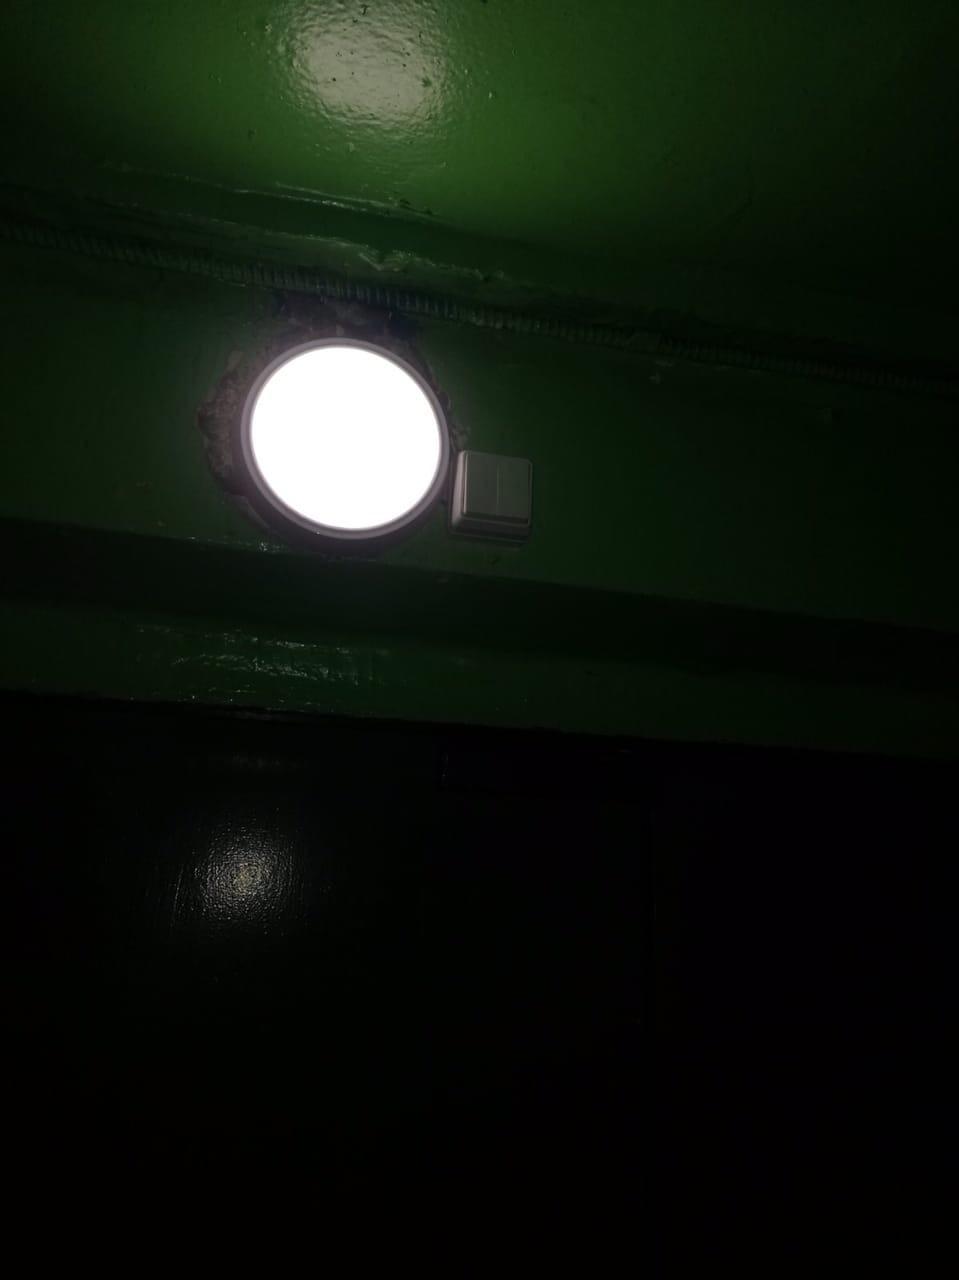 Улица Монтажников дом 30 установка приборов освещения